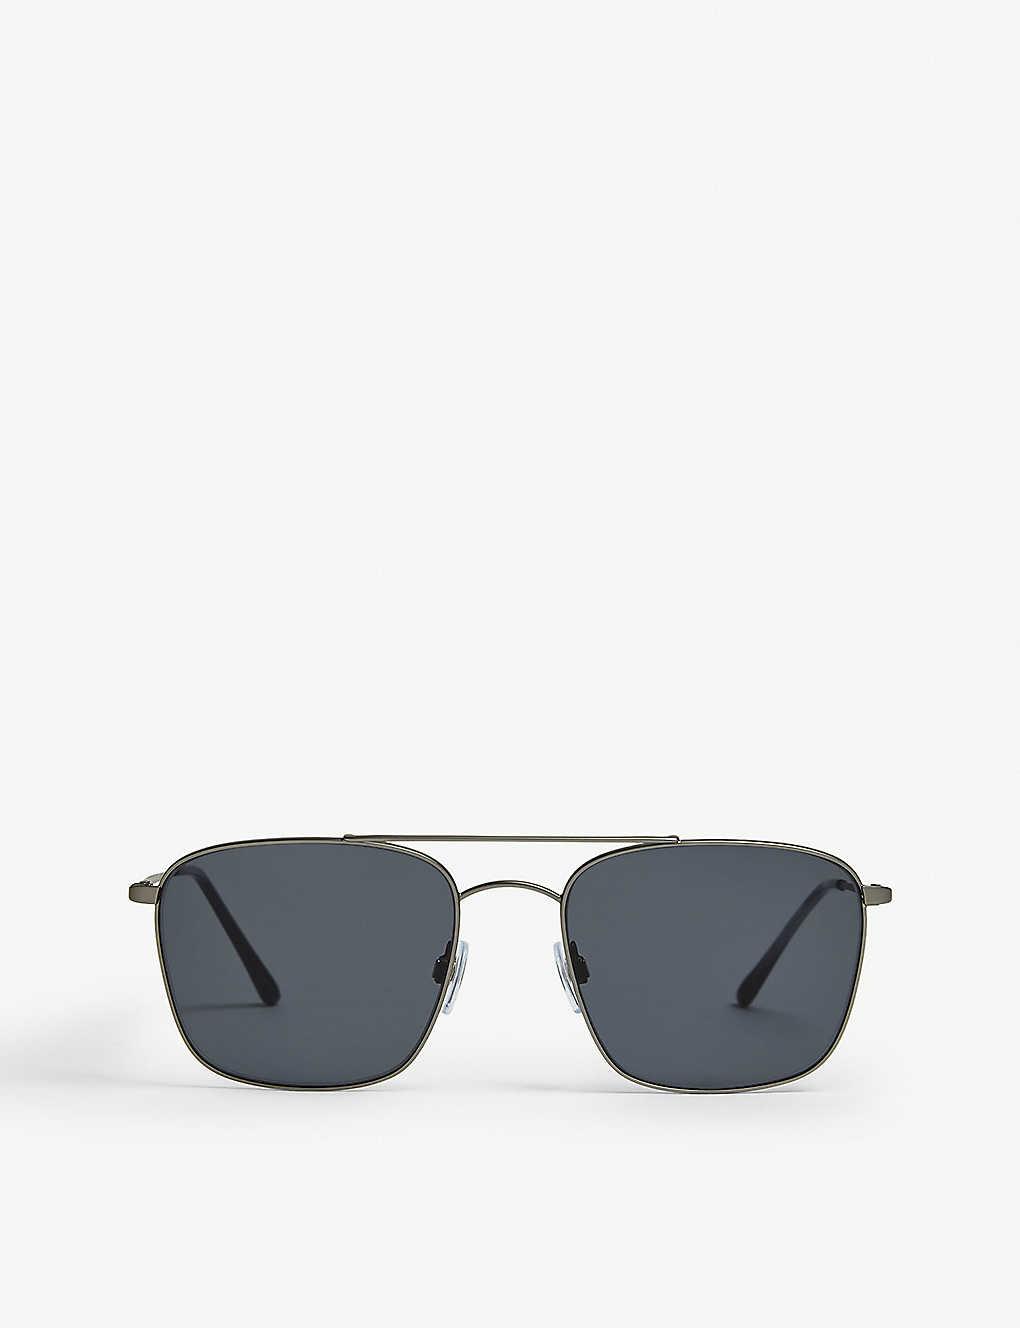 cb46c96c5ef GIORGIO ARMANI - Ar6080 square-frame sunglasses